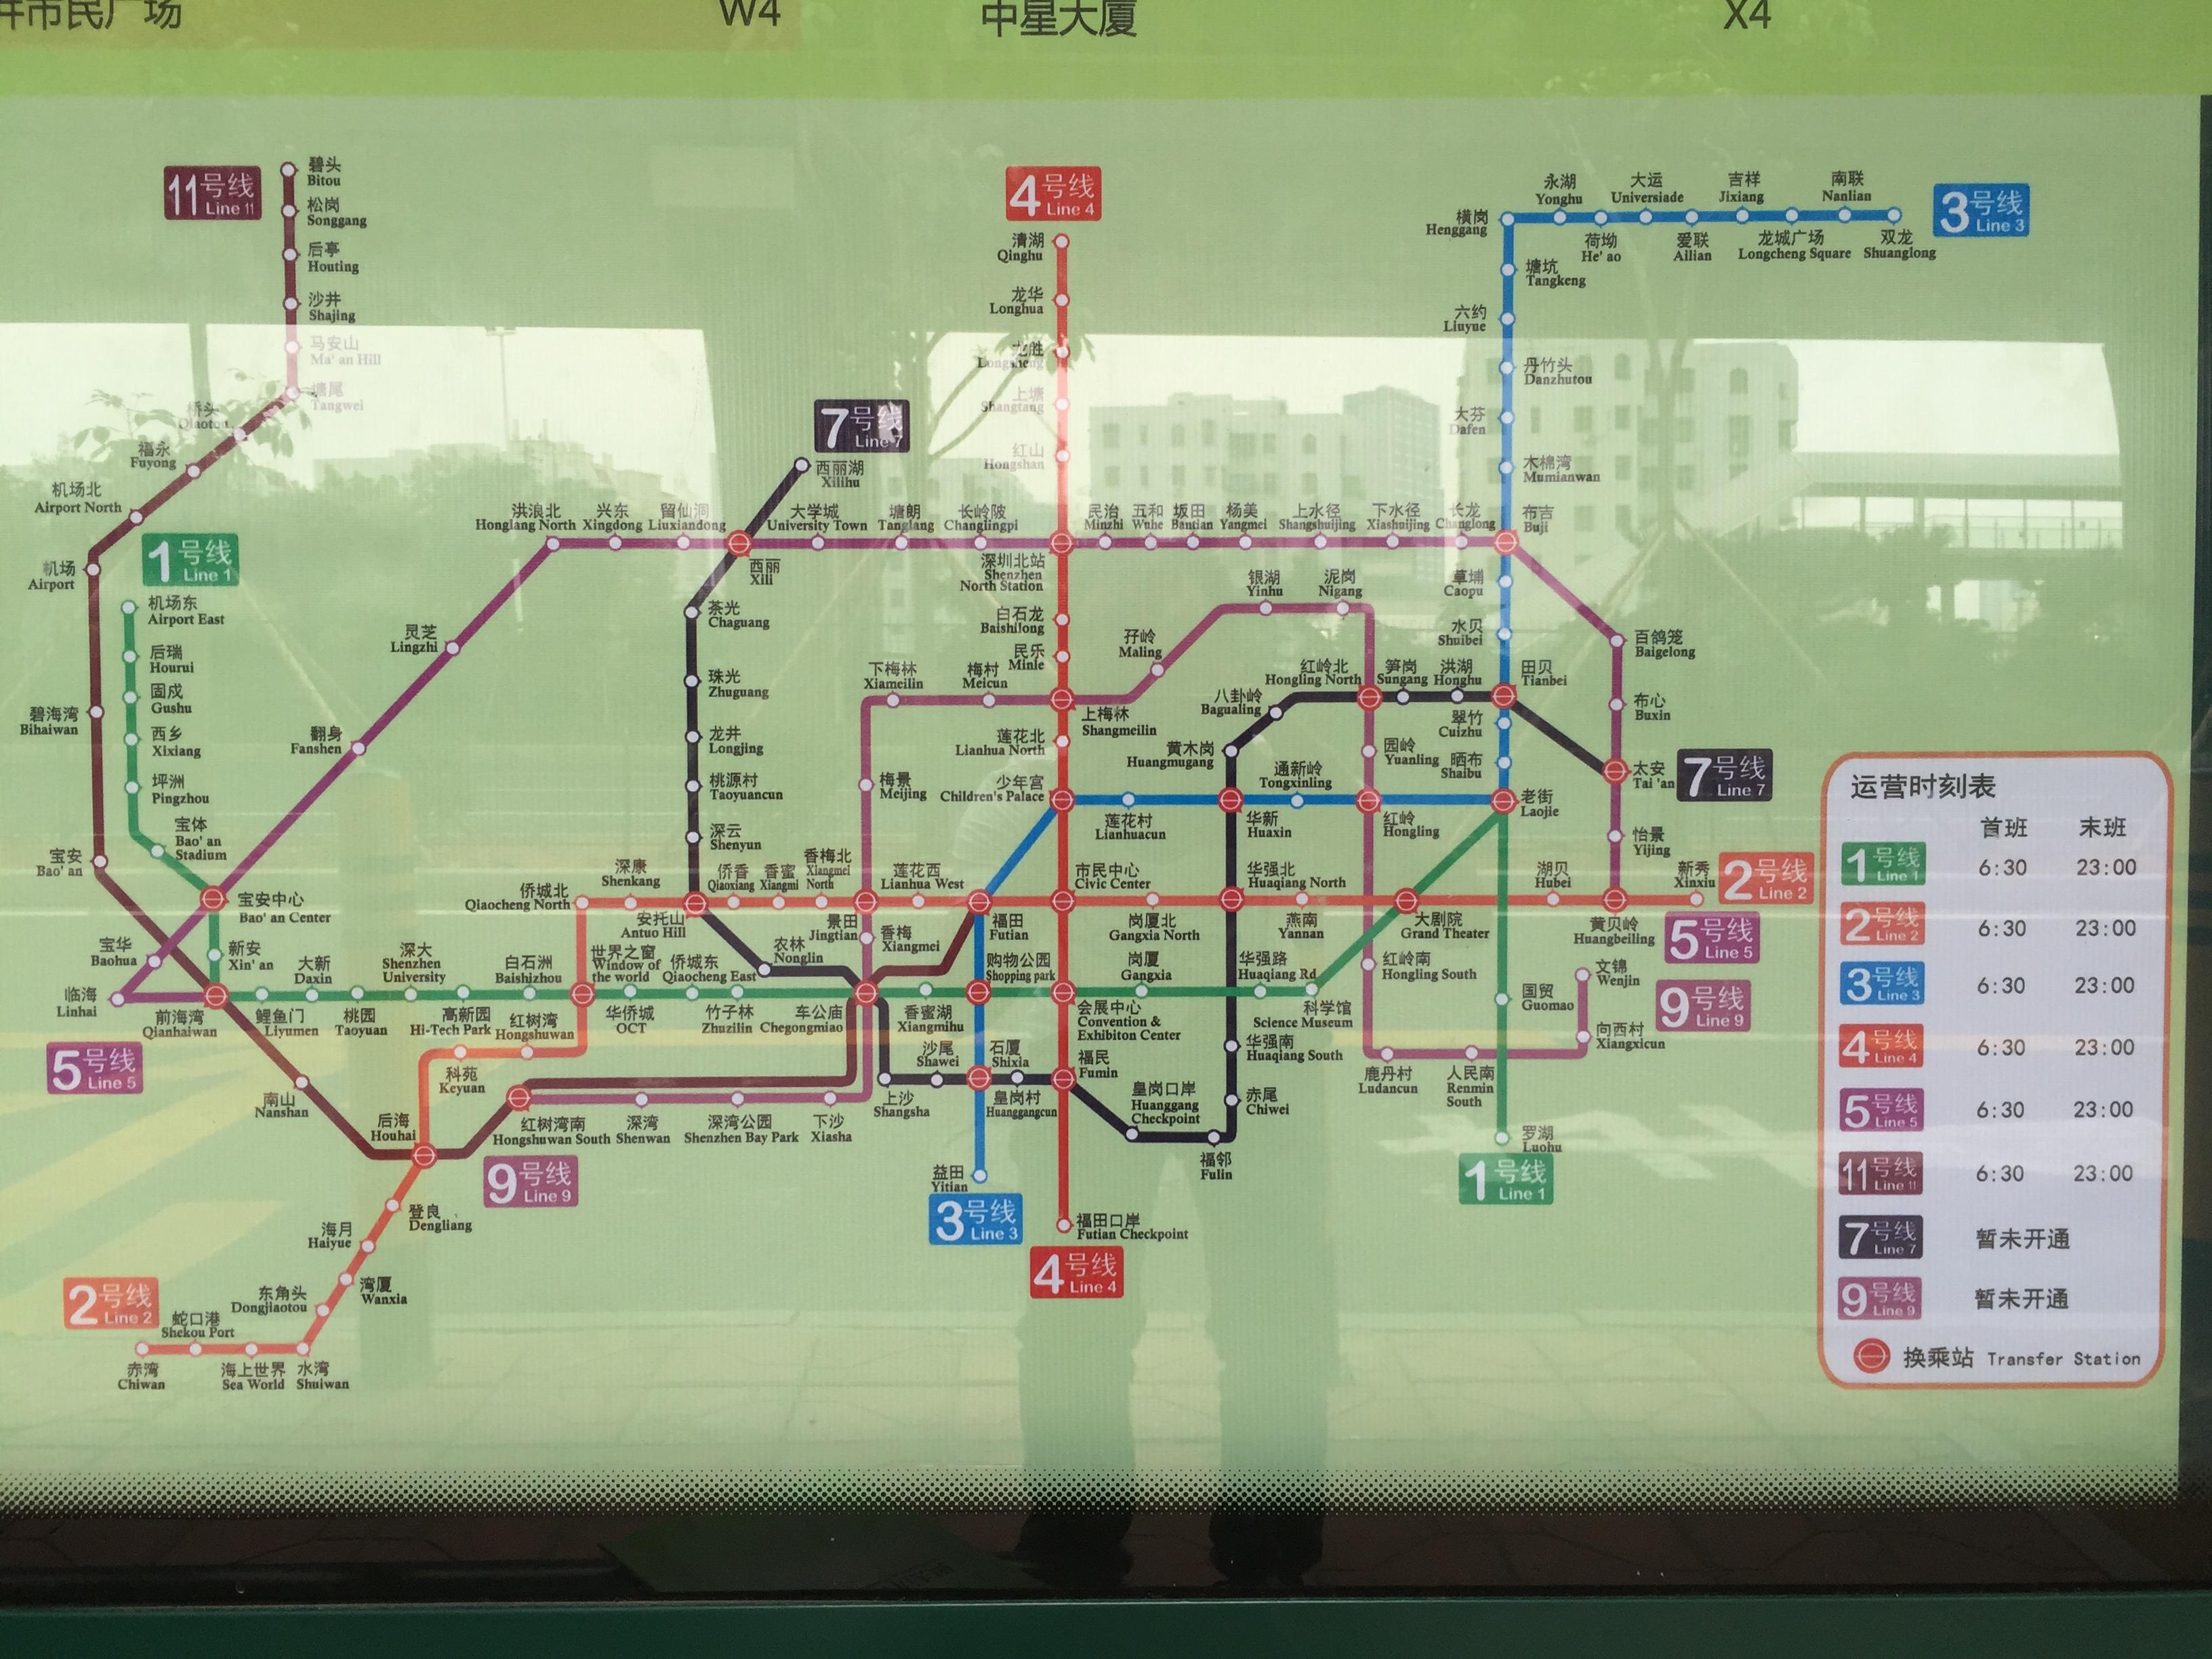 深圳地铁线路图2016